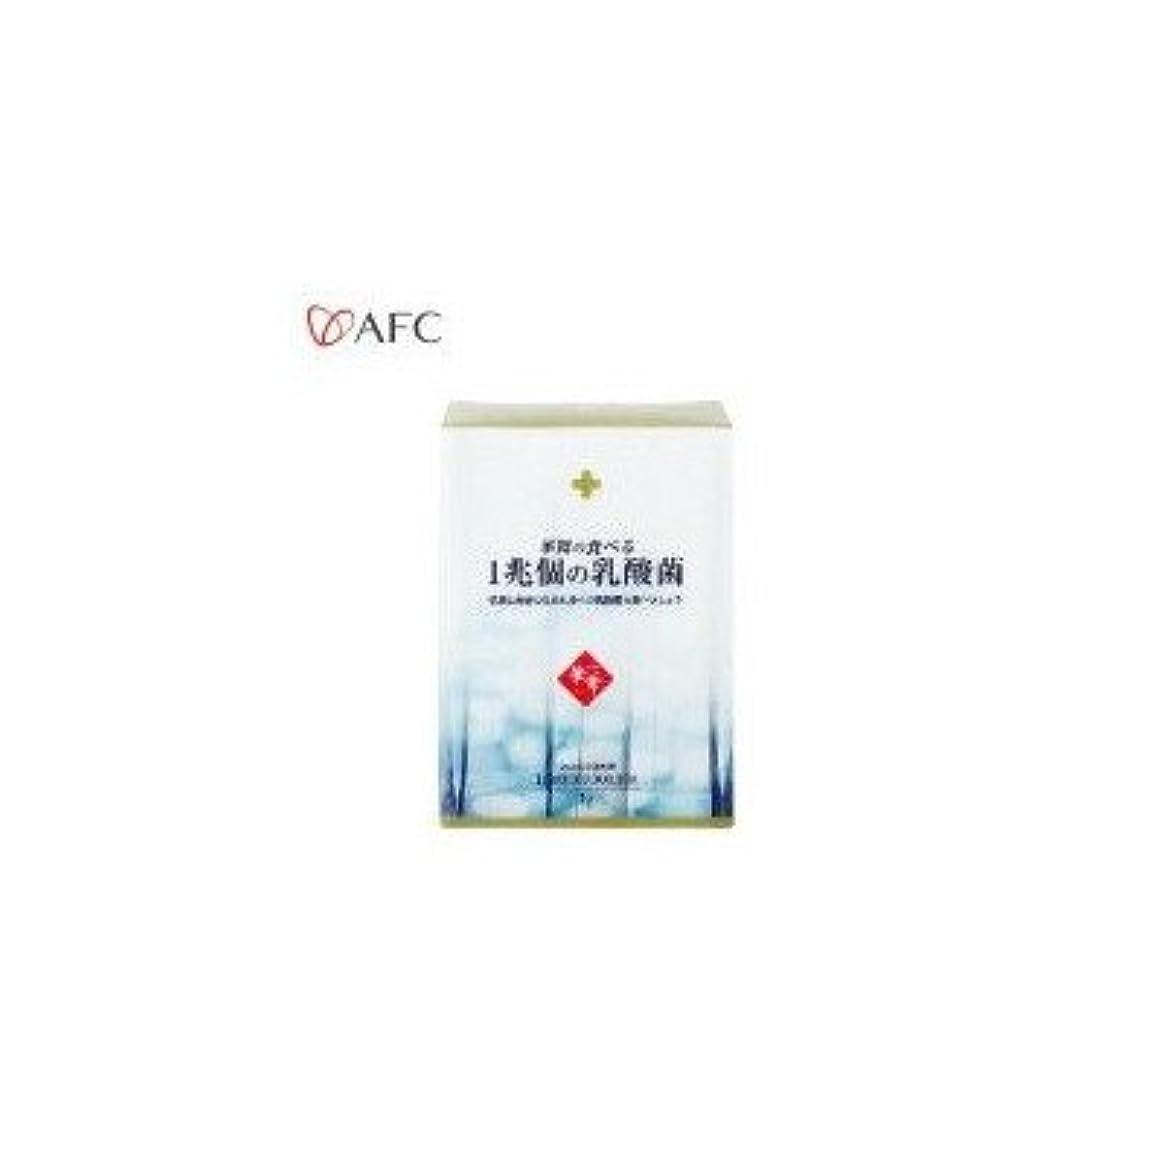 憂慮すべきヒップ船乗りAFC 華舞シリーズ 華舞の1兆個の乳酸菌 スティックタイプ 30g(1g×30本) 3222